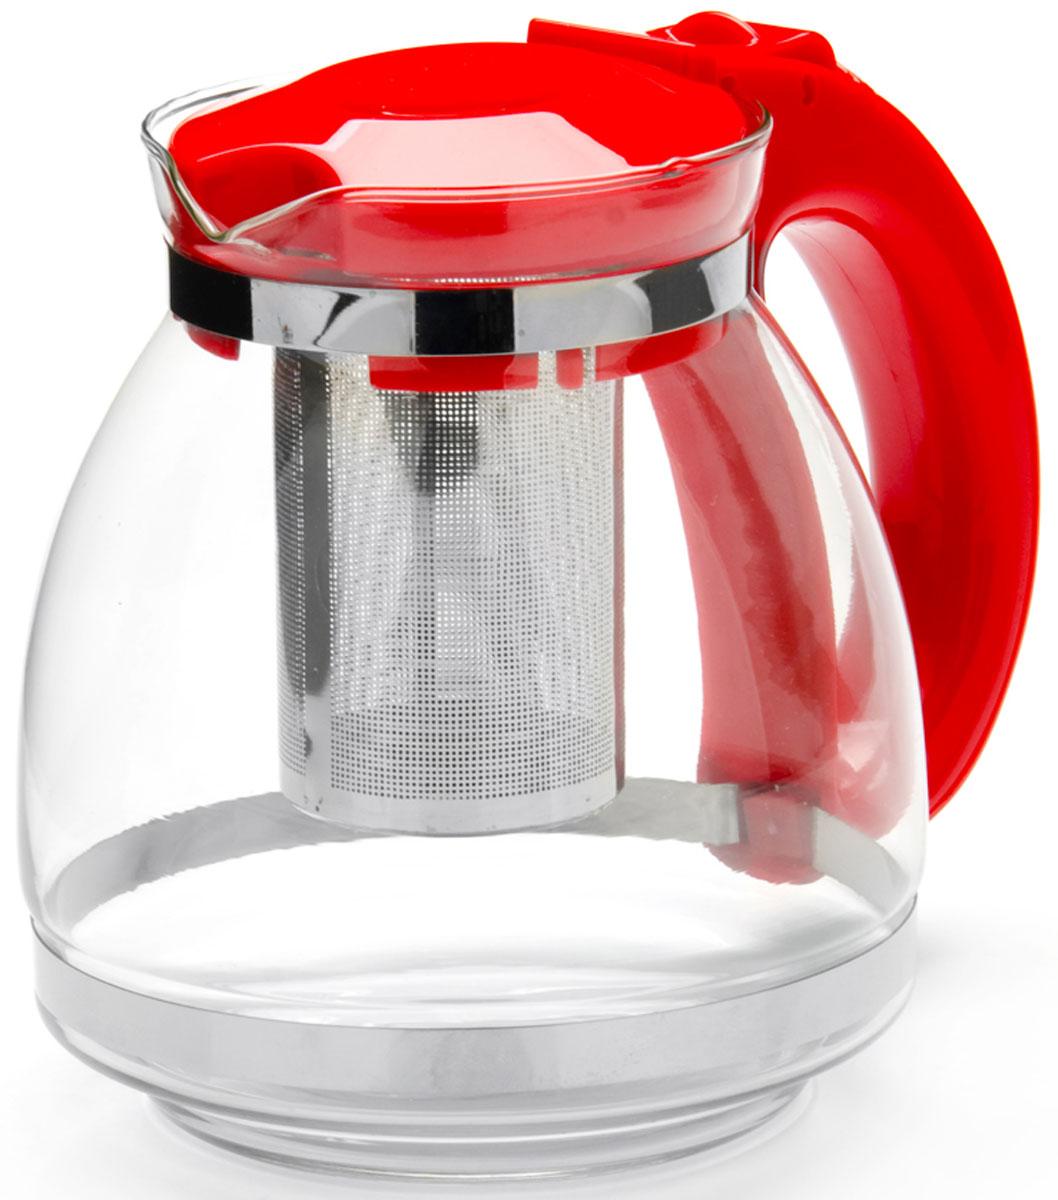 Чайник заварочный Mayer & Boch, с фильтром, цвет: красный, 1,5 л. 26170-1391602Заварочный чайник Mayer & Boch изготовлен из термостойкого боросиликатного стекла, фильтр выполнен из нержавеющей стали. Изделия из стекла не впитывают запахи, благодаря чему вы всегда получите натуральный, насыщенный вкус и аромат напитков. Заварочный чайник из стекла удобно использовать для повседневного заваривания чая практически любого сорта. Но цветочные, фруктовые, красные и желтые сорта чая лучше других раскрывают свой вкус и аромат при заваривании именно в стеклянных чайниках, а также сохраняют все полезные ферменты и витамины, содержащиеся в чайных листах. Стальной фильтр гарантирует прозрачность и чистоту напитка от чайных листьев, при этом сохранив букет и насыщенность чая.Прозрачные стенки чайника дают возможность насладиться насыщенным цветом заваренного чая. Изящный заварочный чайник Mayer & Boch будет прекрасно смотреться в любом интерьере. Подходит для мытья в посудомоечной машине.